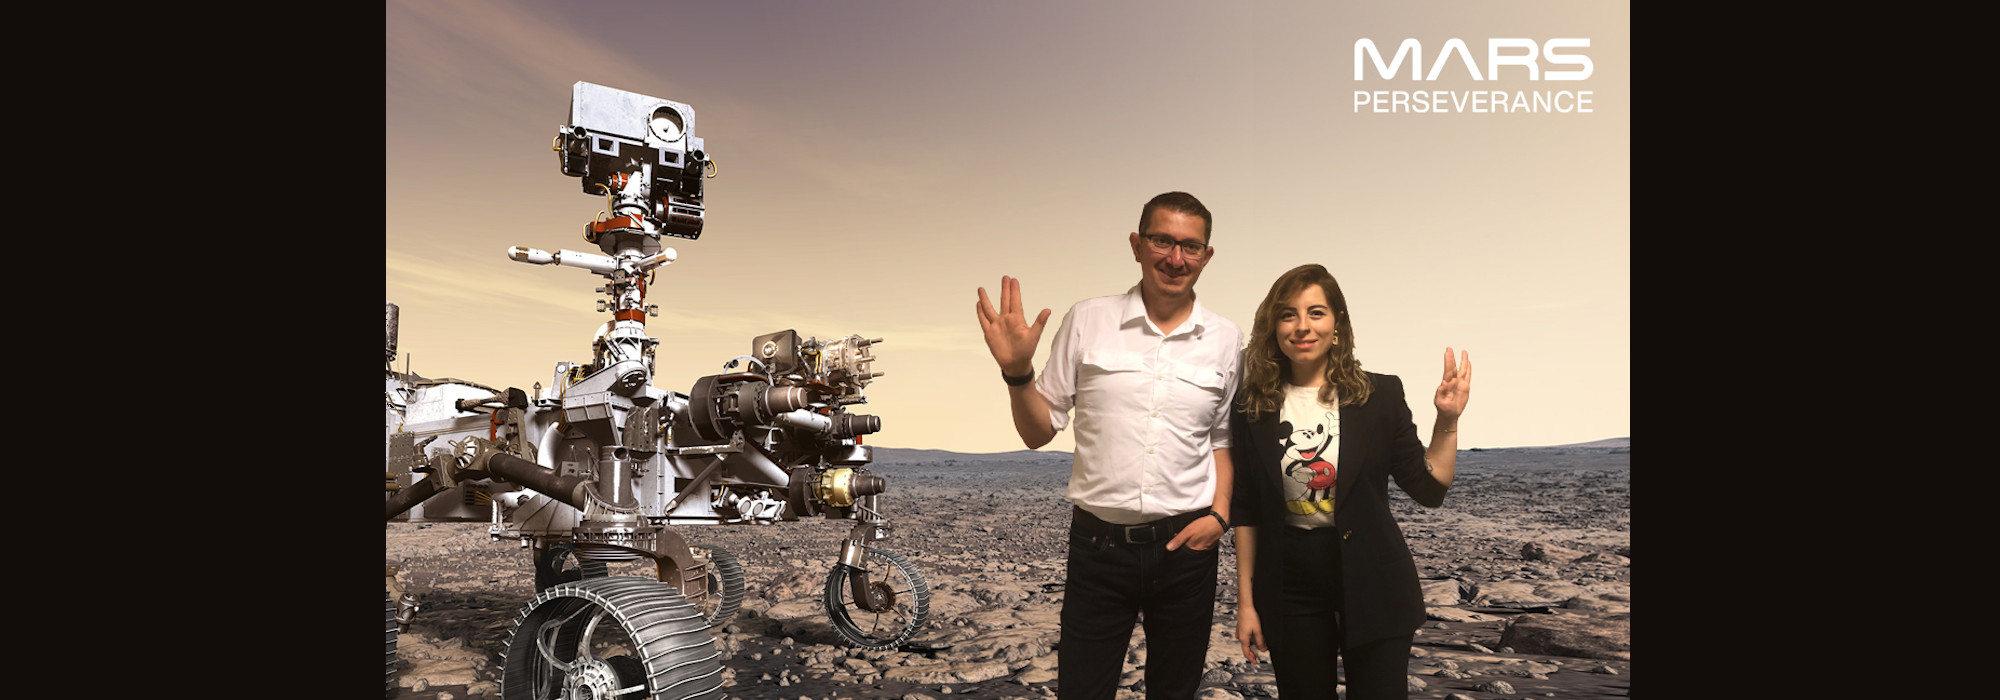 Mars robotları bu hafta Mars'a varıyor. Merak ettiğiniz her şey…